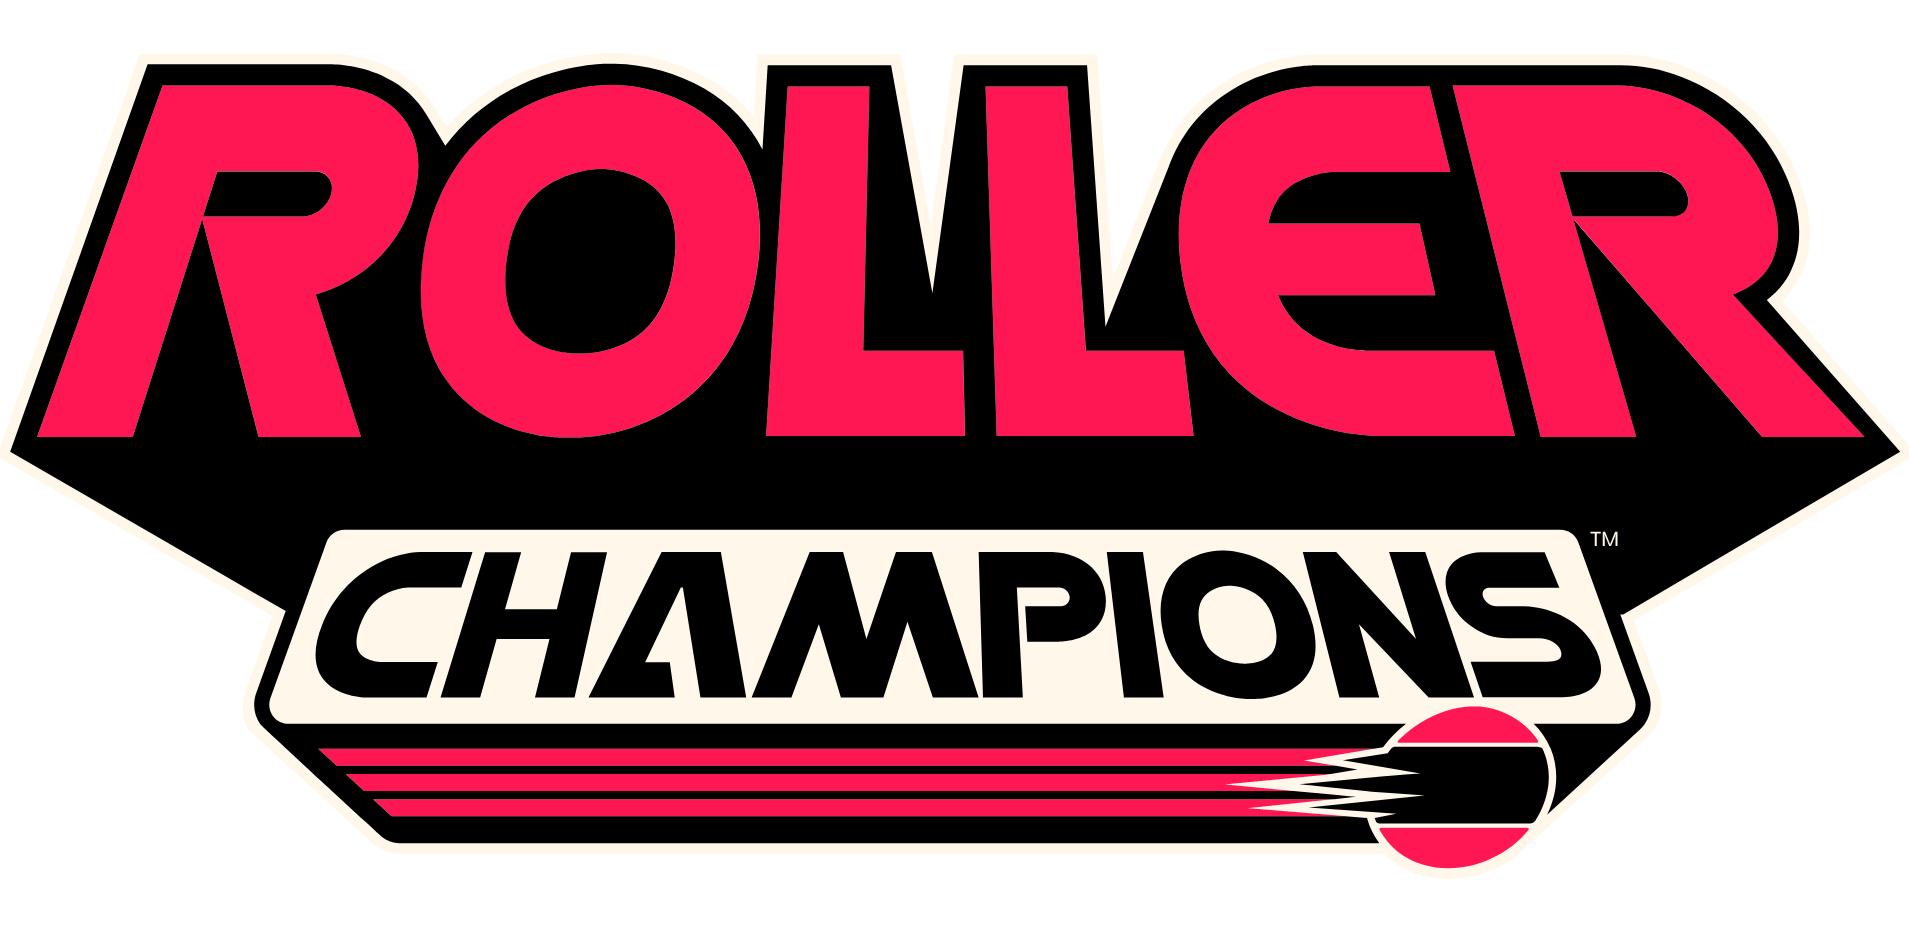 Acceso a la Beta del videojuego Roller Champions